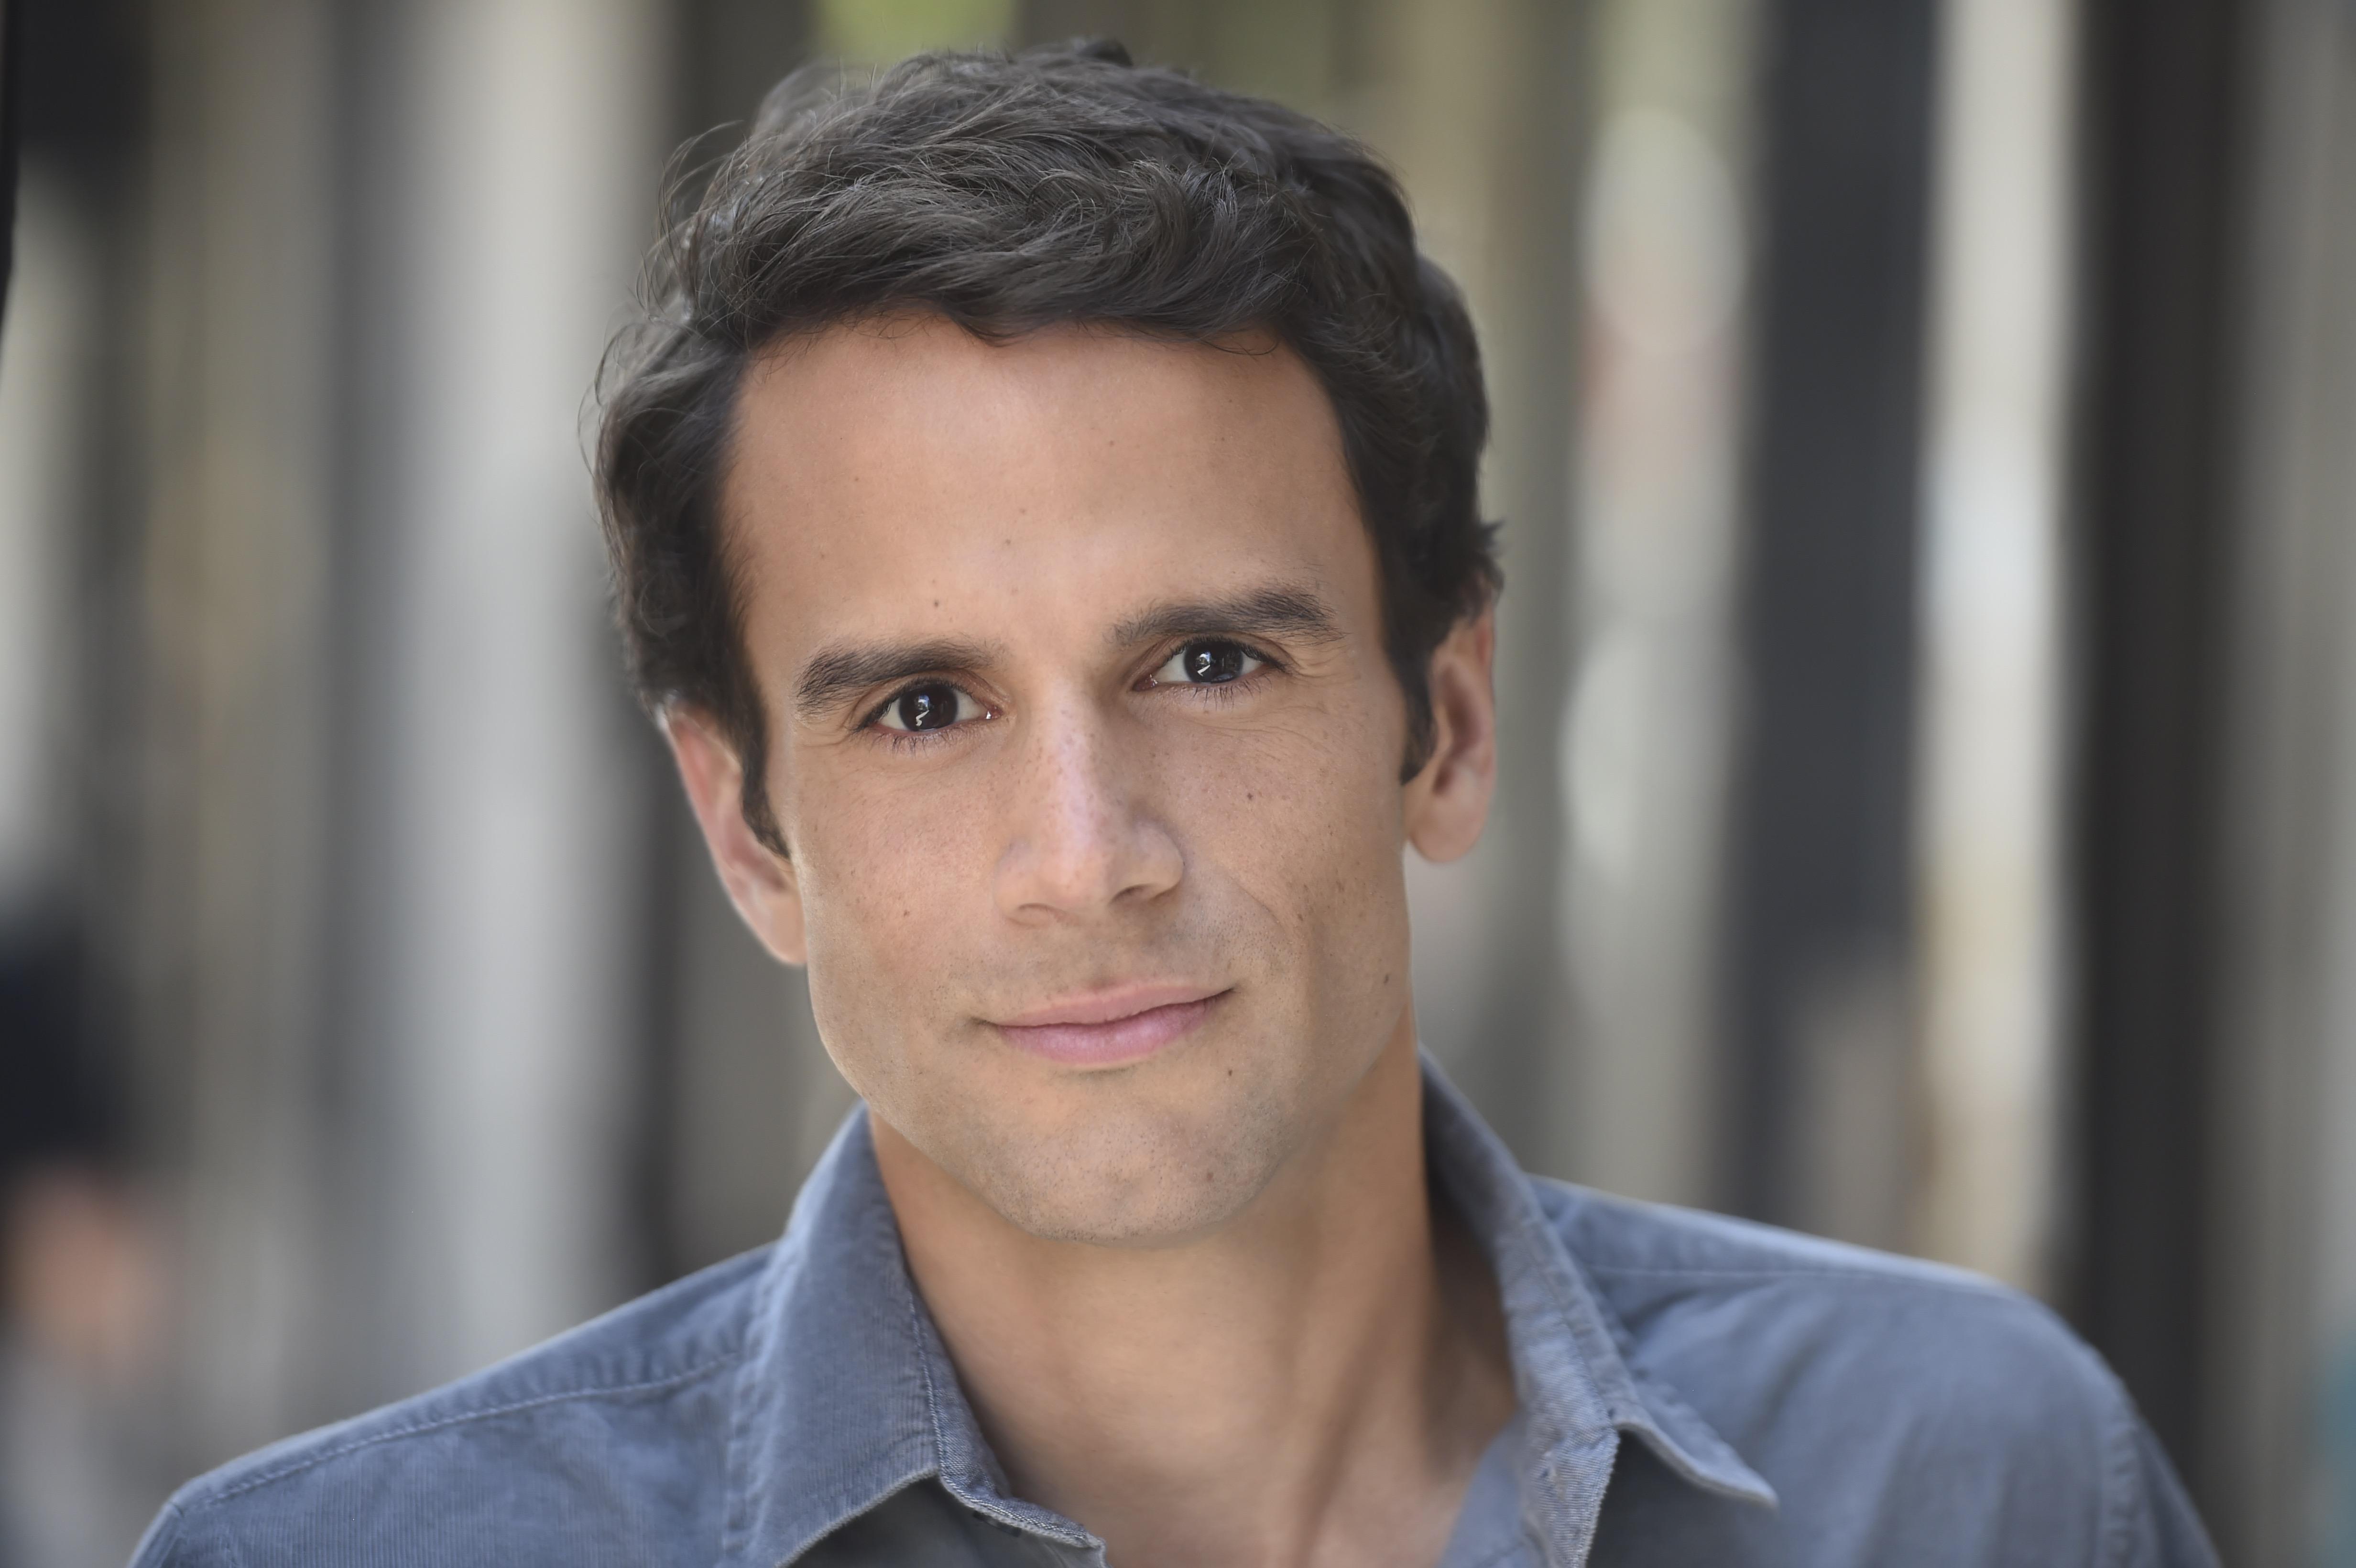 Tomas Delgado